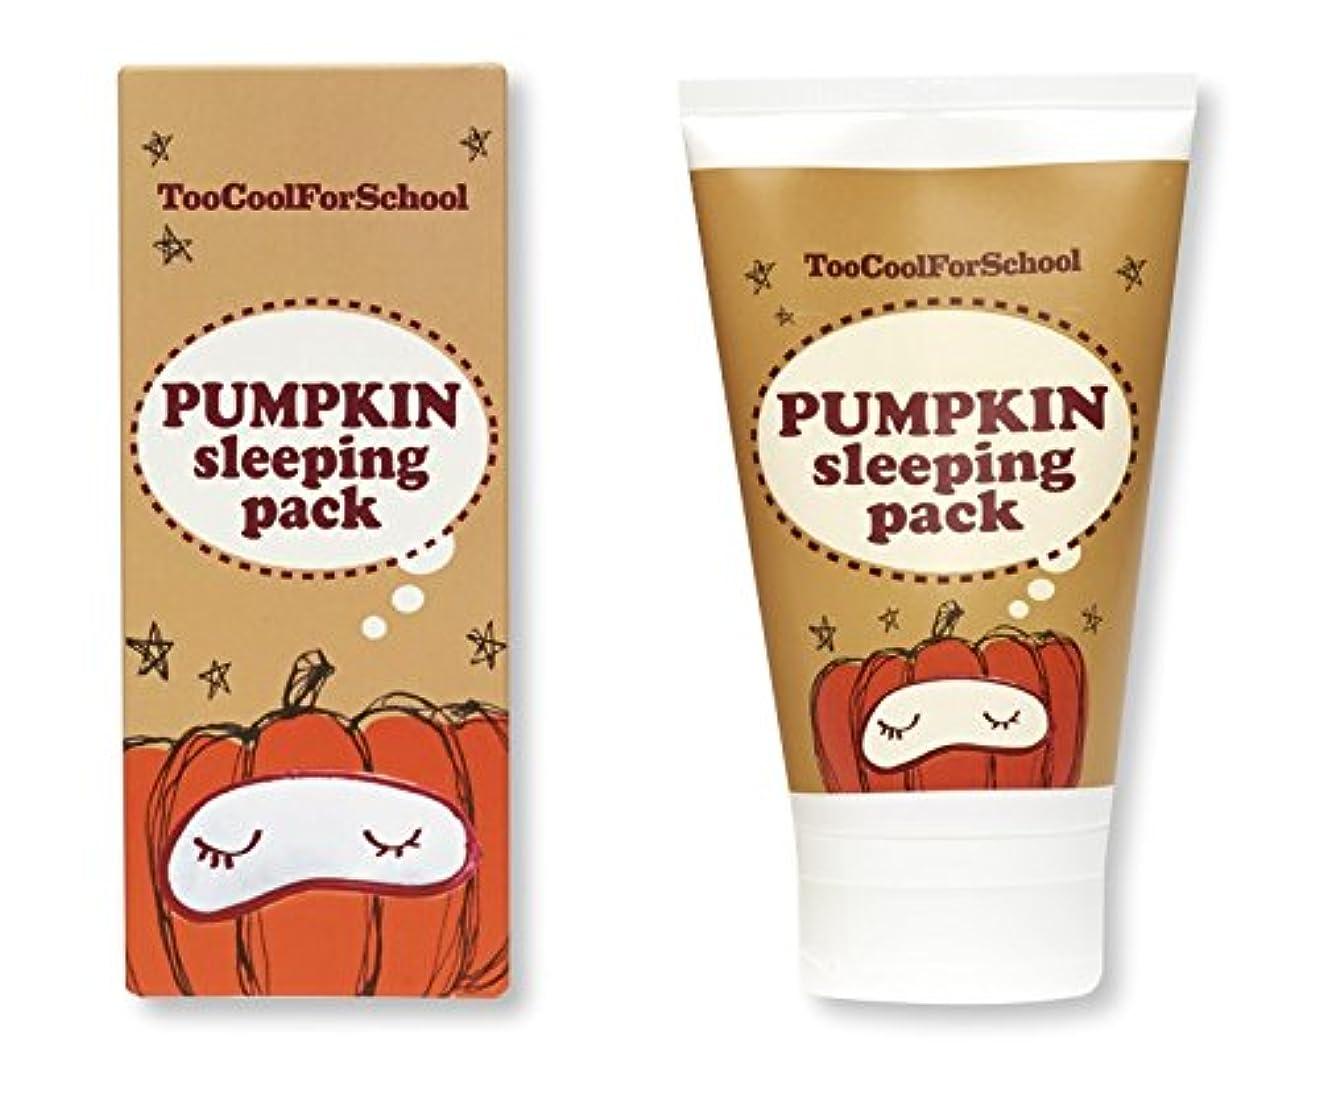 常習的酸化するスズメバチtoo cool for school (トゥークールフォ―スクール) パンプキン スリーピングパック / Pumpkin Sleeping Pack (100ml)